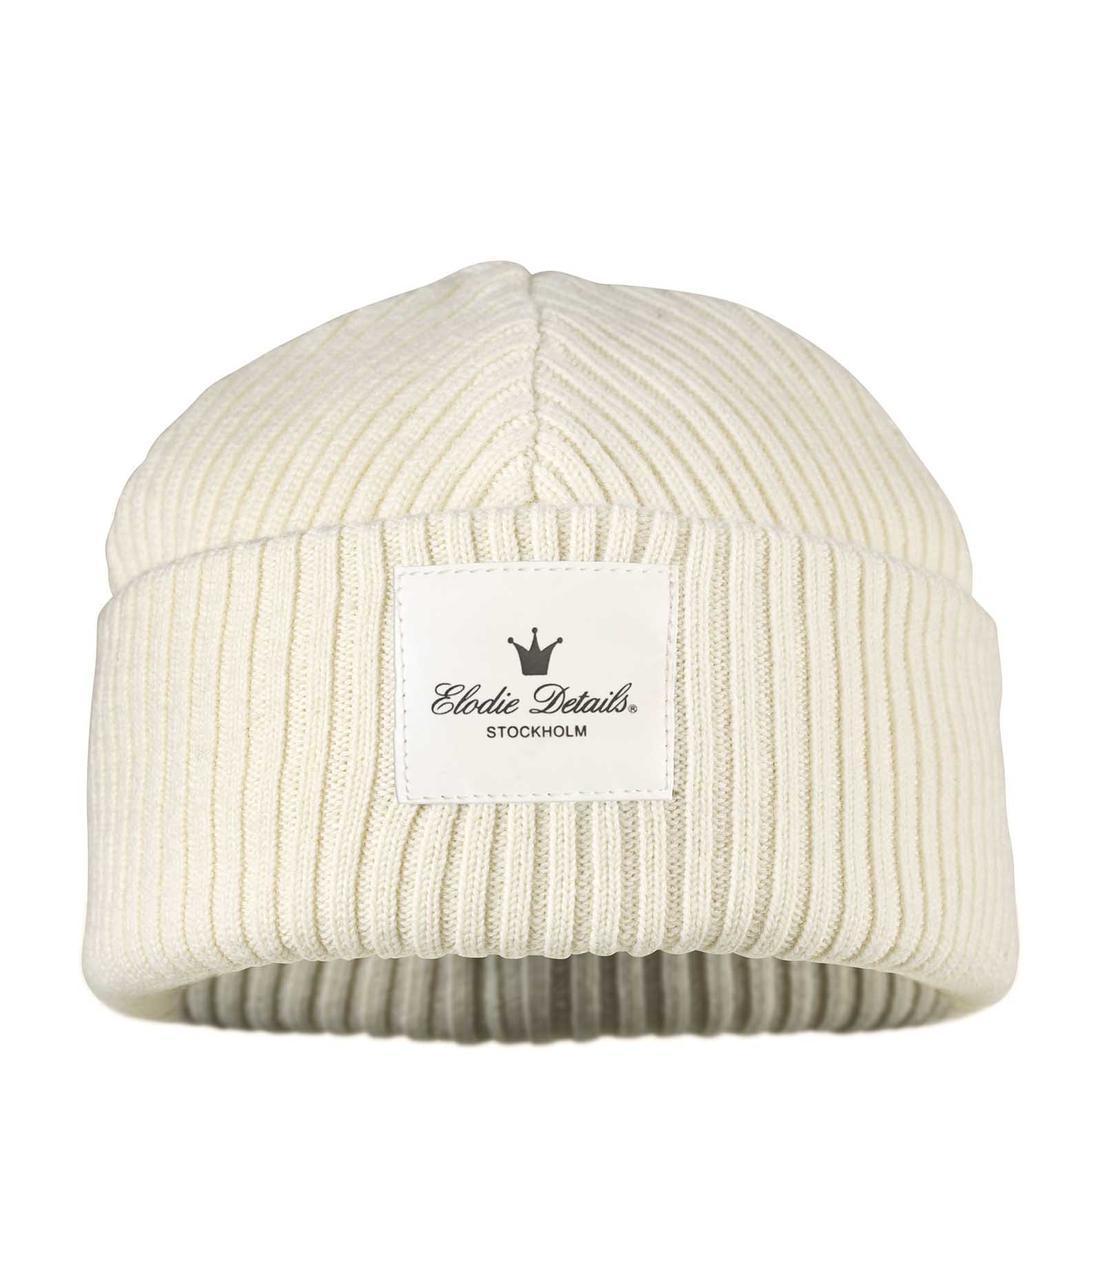 Elodie Details - Детская шерстяная шапка Vanilla White, 24-36 m